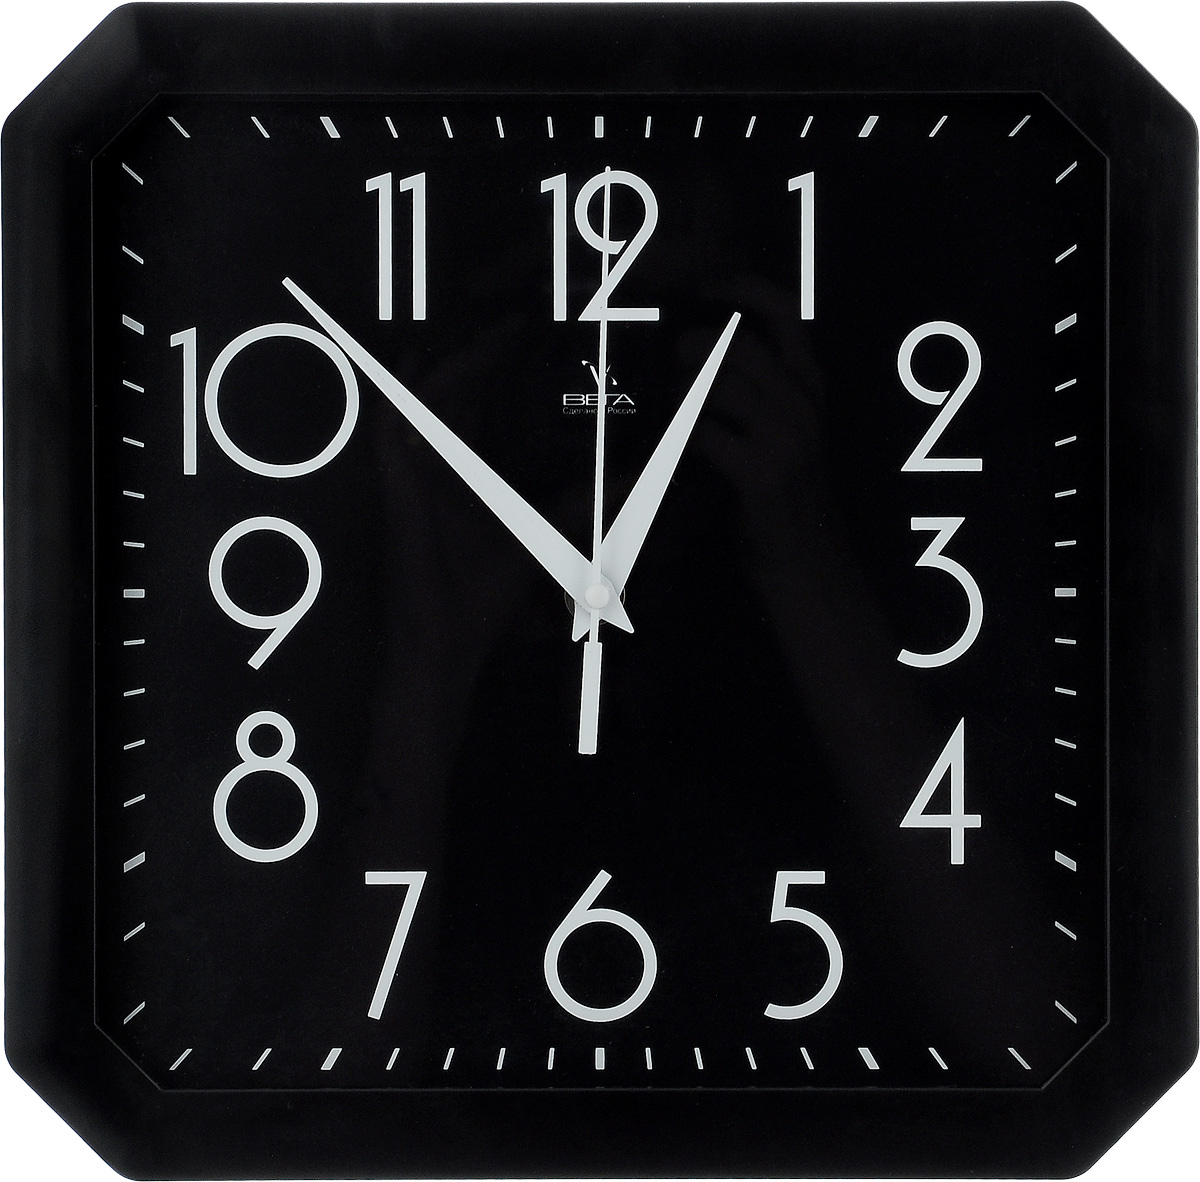 Часы настенные Вега Классика, цвет: черный, 28 х 28 смП4-6/6-80Настенные кварцевые часы Вега Классика, изготовленные из пластика, прекрасно впишутся в интерьервашего дома. Часы имеют три стрелки: часовую,минутную и секундную, циферблат защищен прозрачным стеклом.Часы работают от 1 батарейки типа АА напряжением 1,5 В (не входит в комплект).